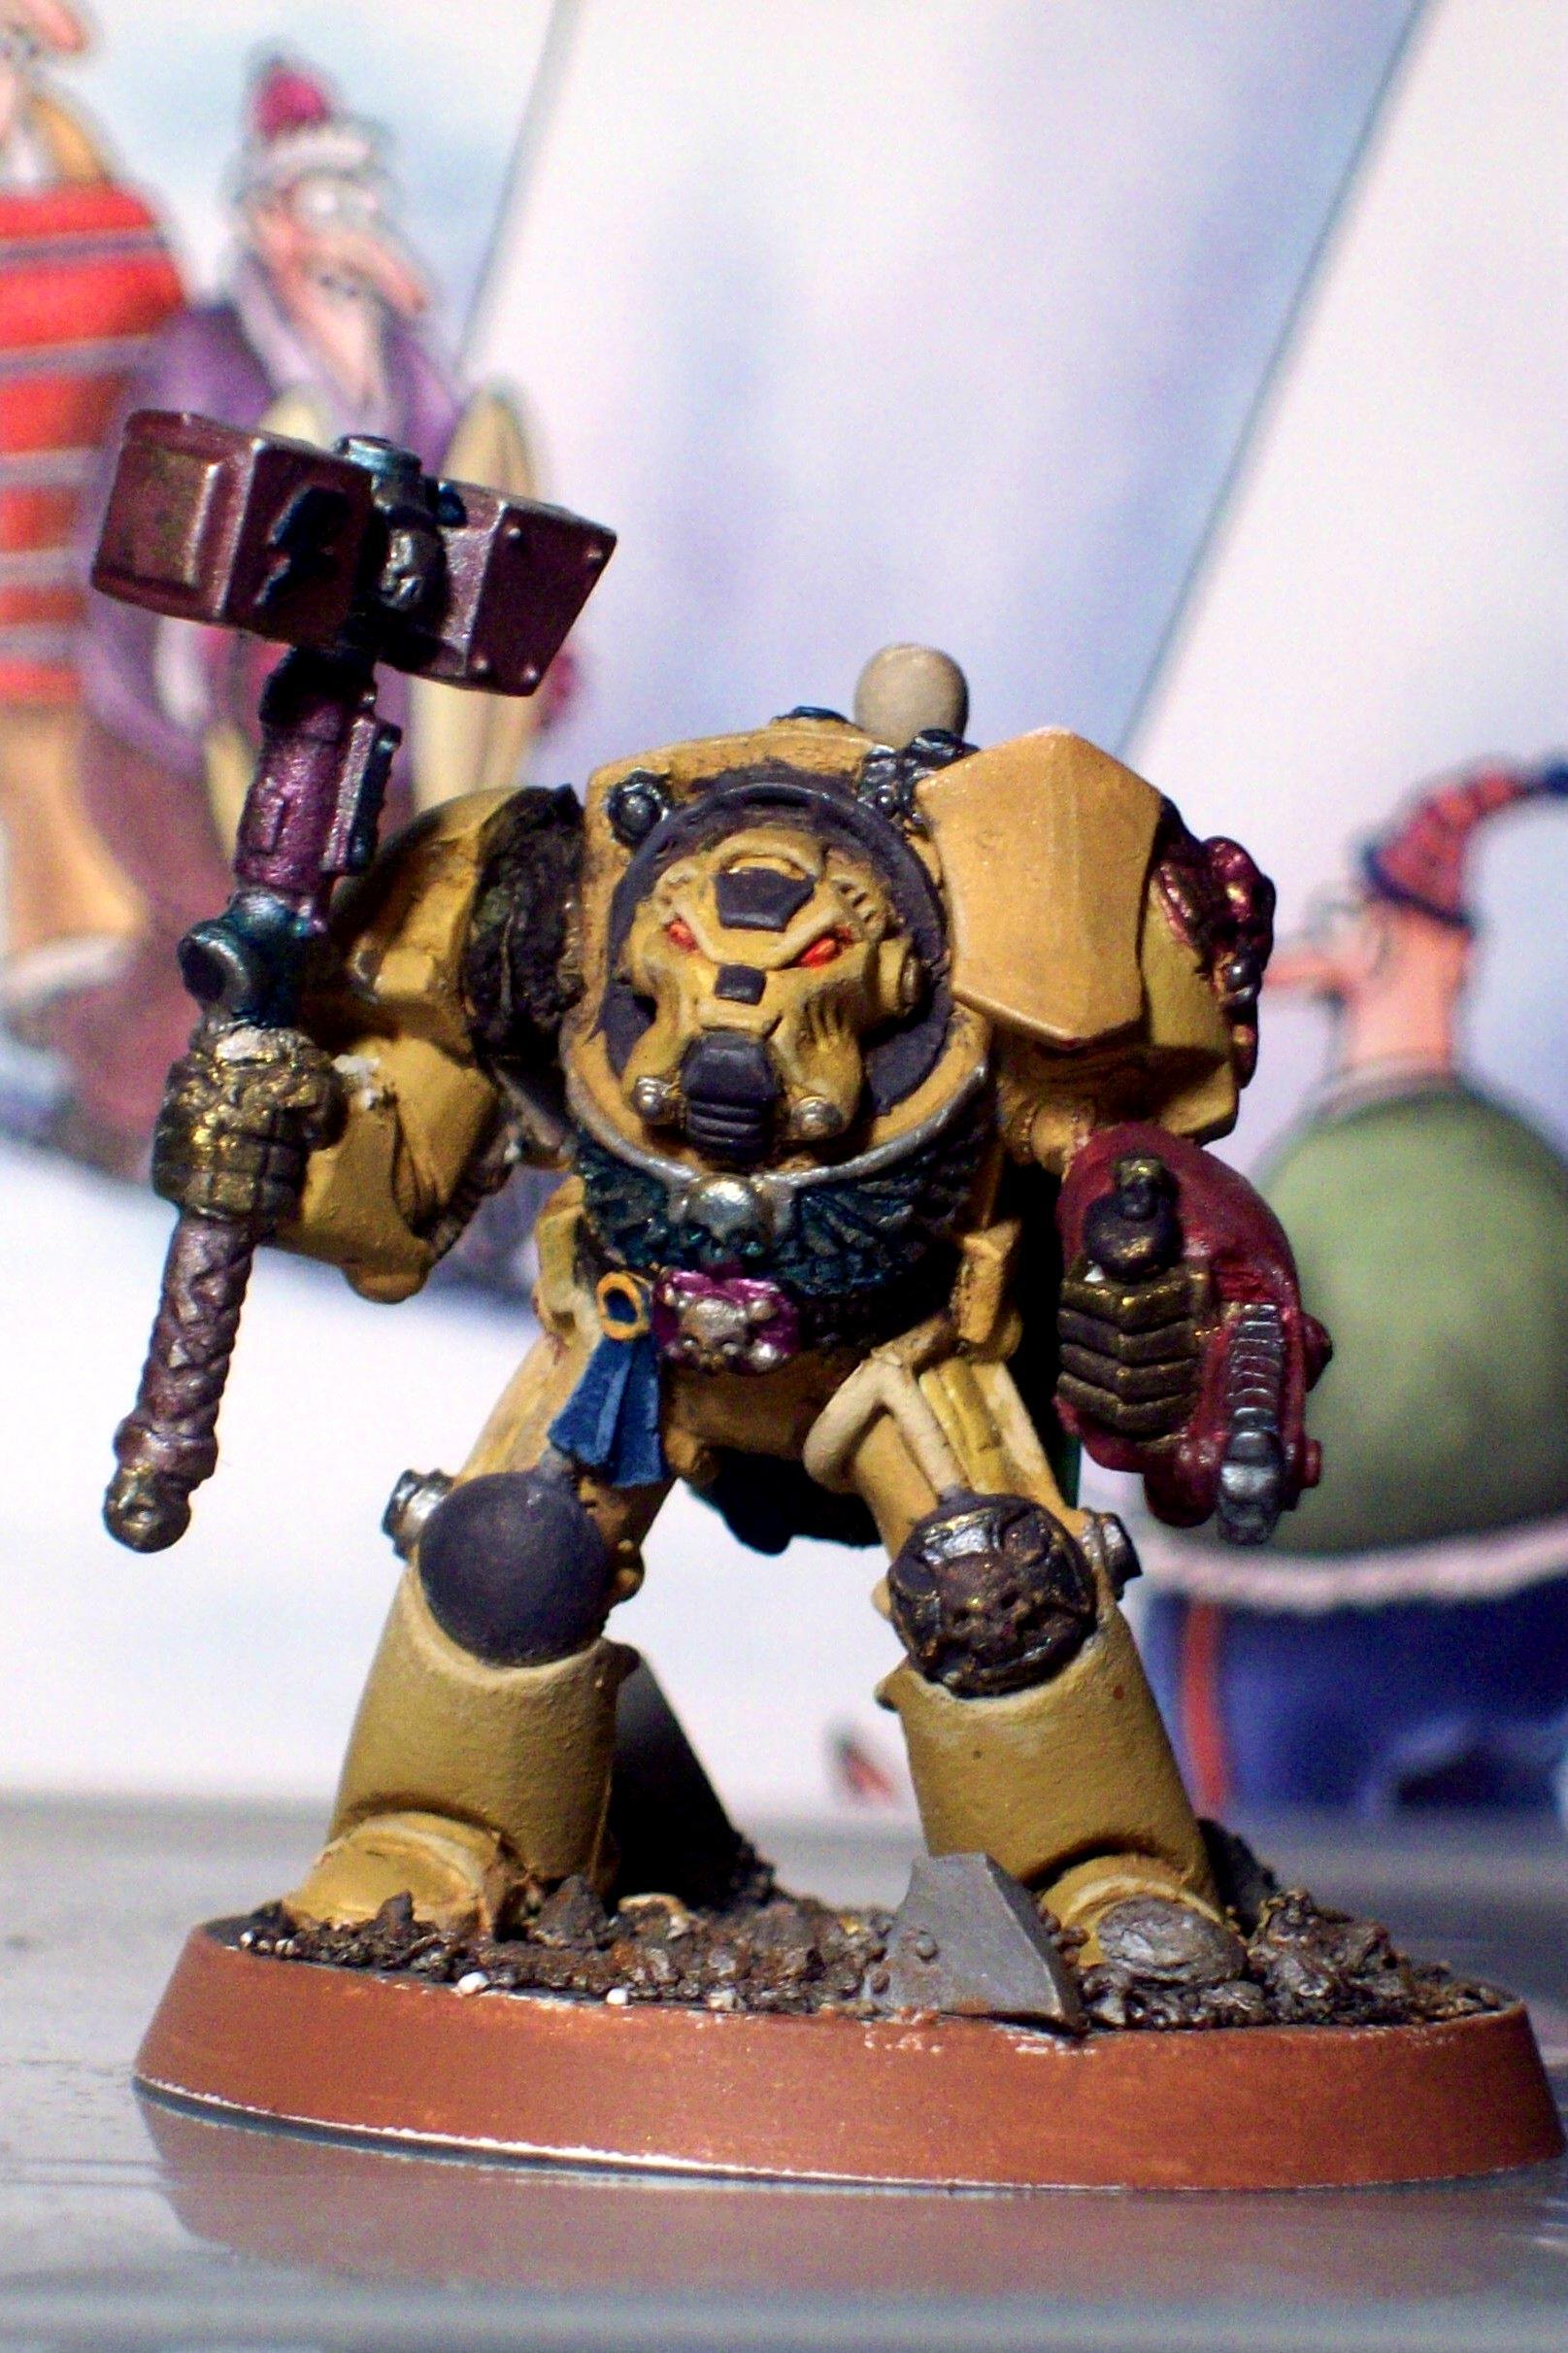 Chainfist, Nifty, Space Marines, Terminator Armor, Thunder Hammer